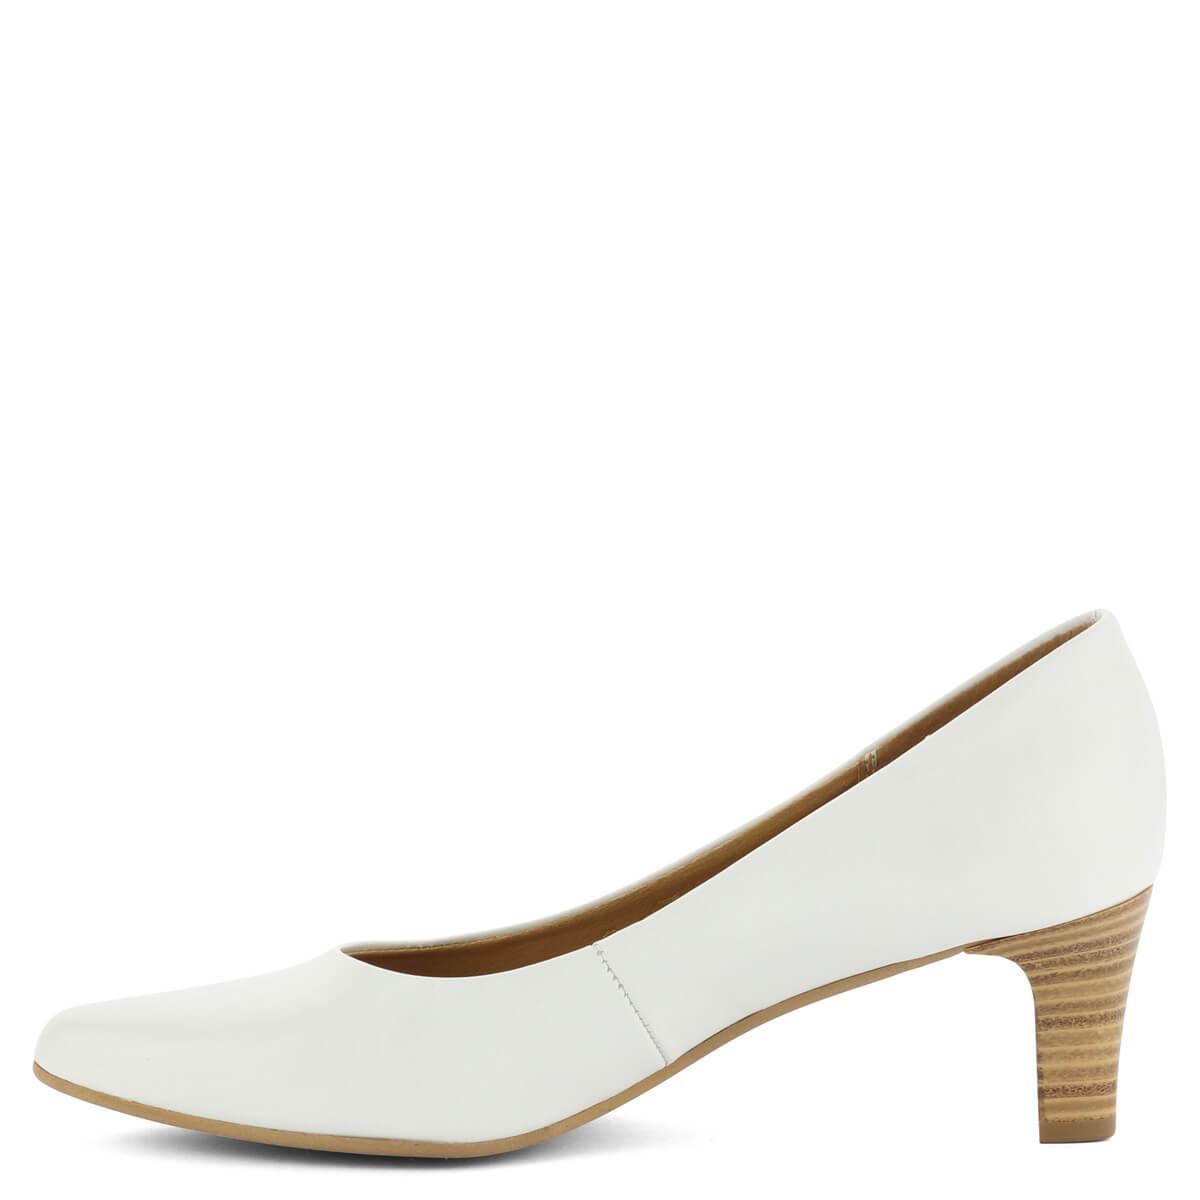 ... Fehér Tamaris cipő 6 cm magas sarokkal. Klasszikus 32393dee3a